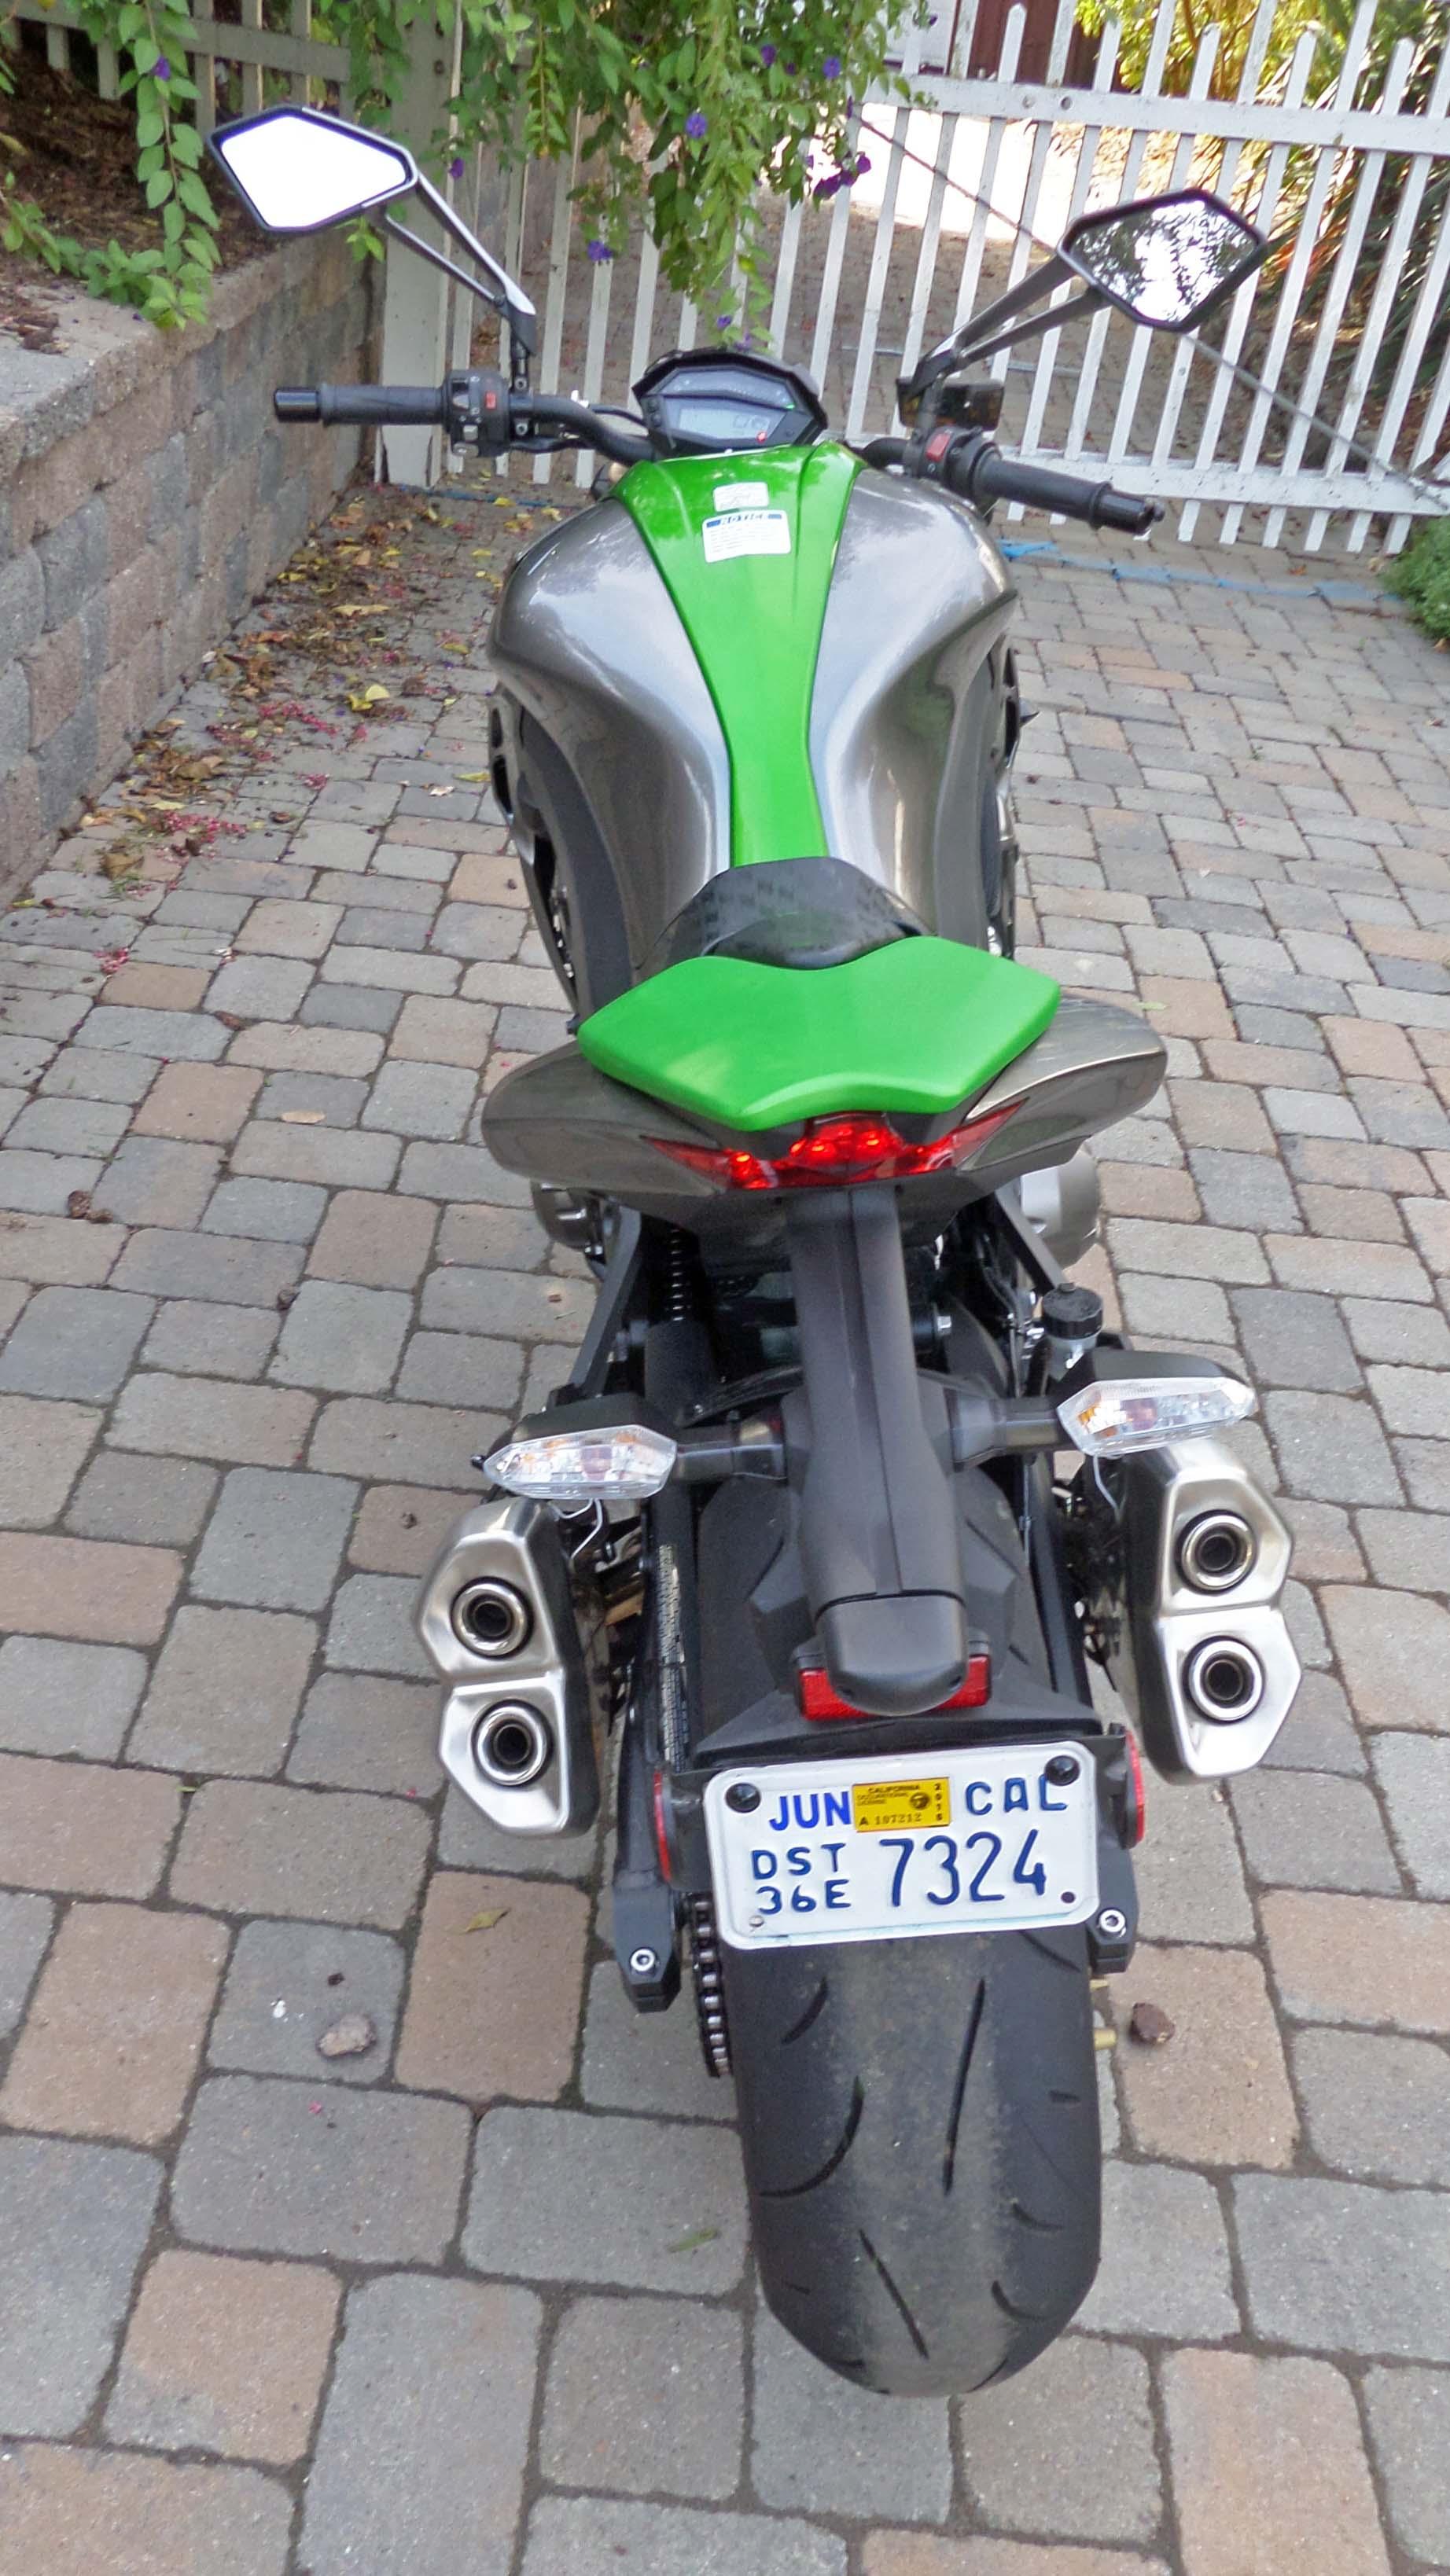 2015 Kawasaki Z1000 Abs Test Ride Our Auto Expert